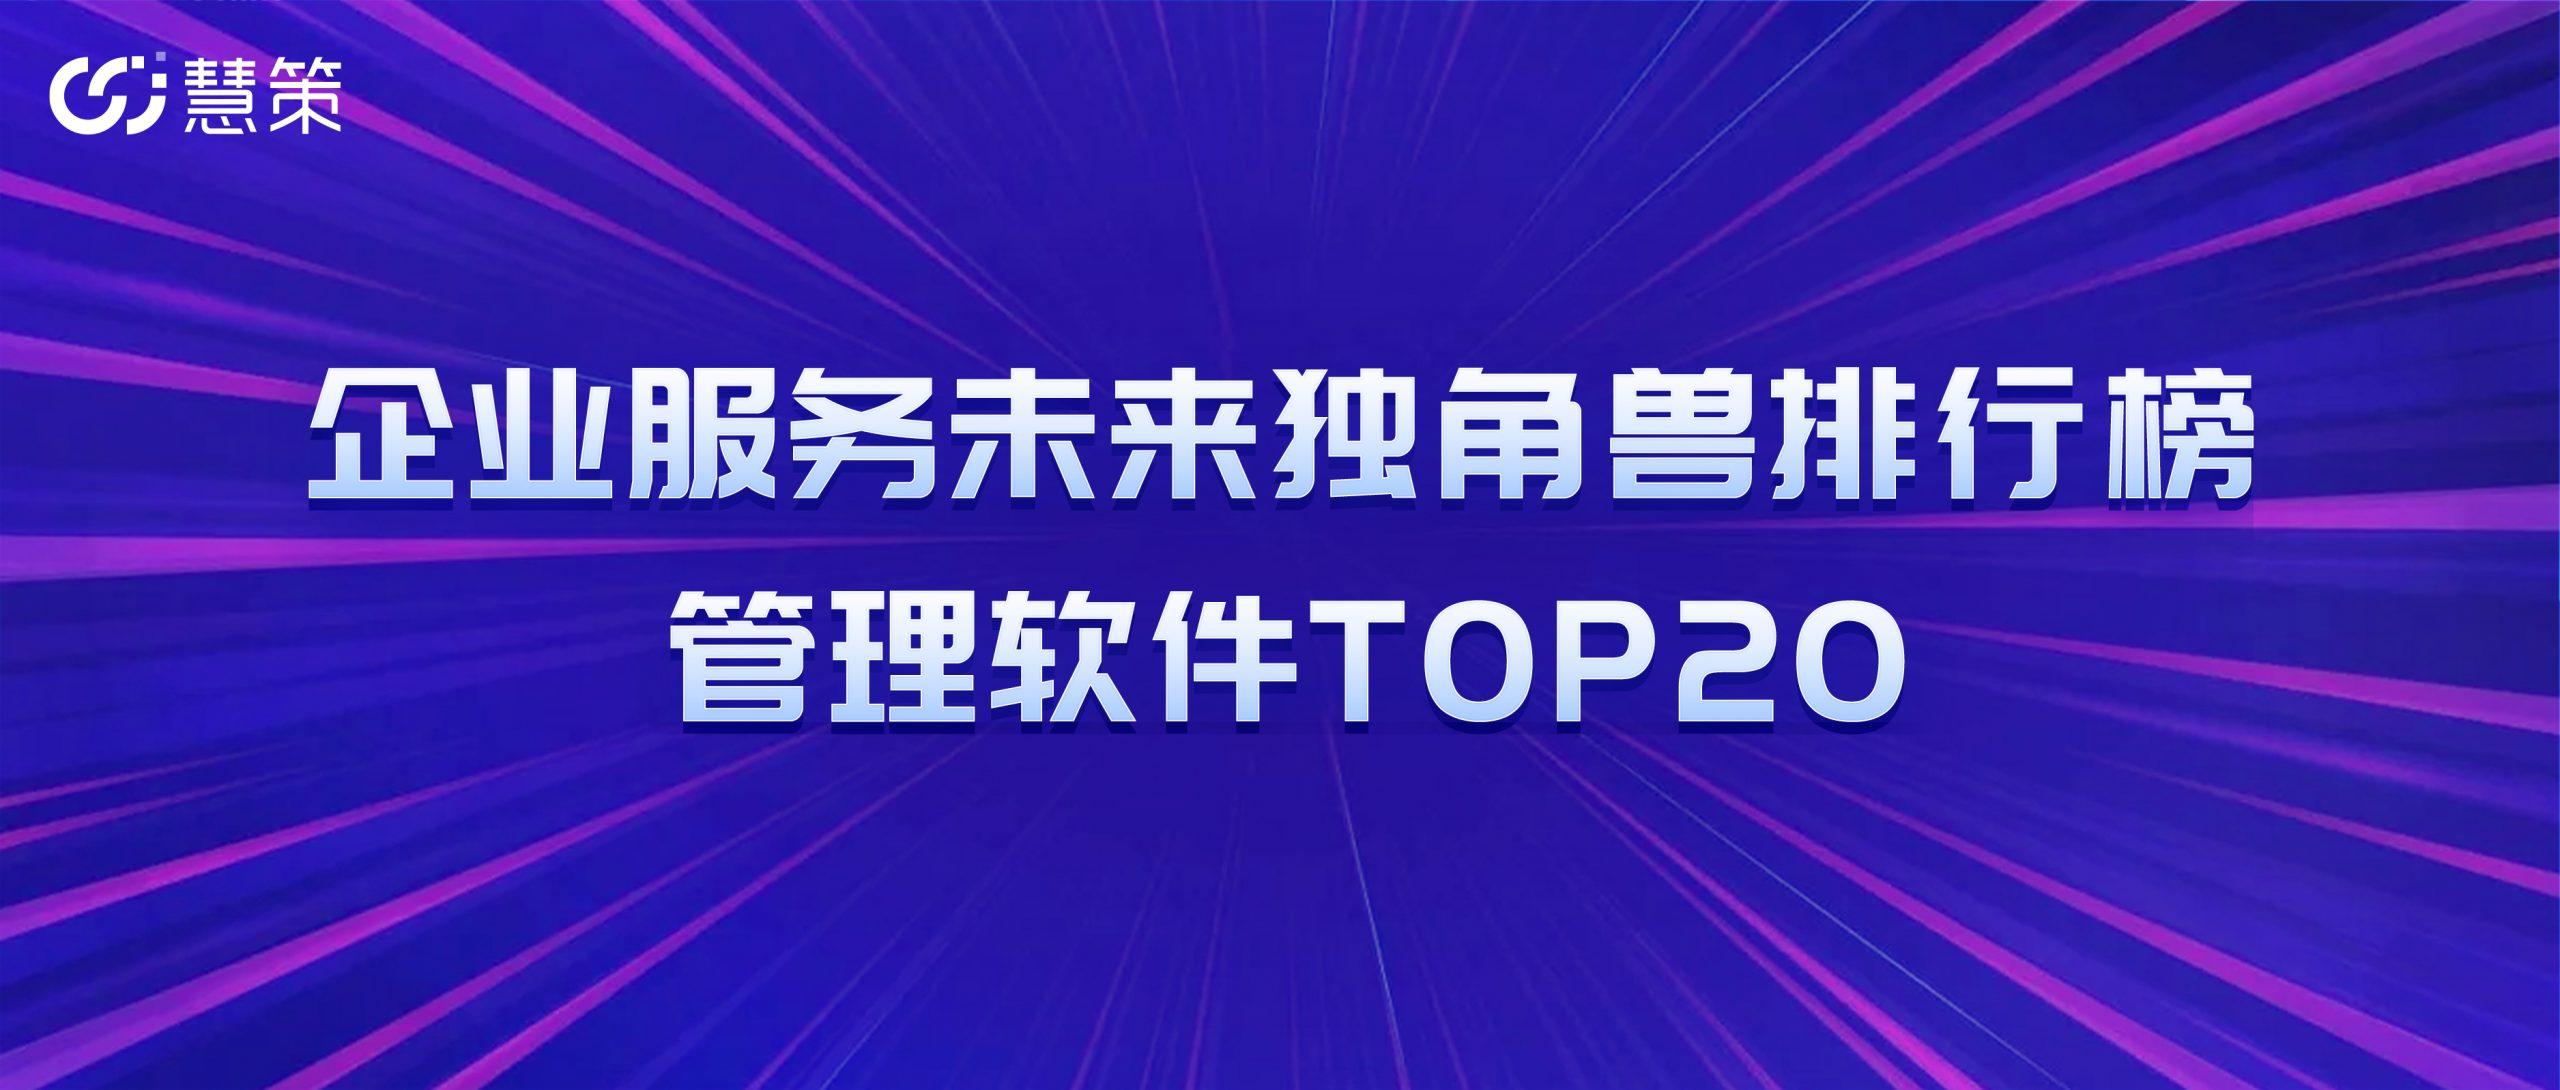 """铅笔道真榜2021发布,慧策荣膺""""企业服务未来独角兽排行榜管理软件TOP20"""""""